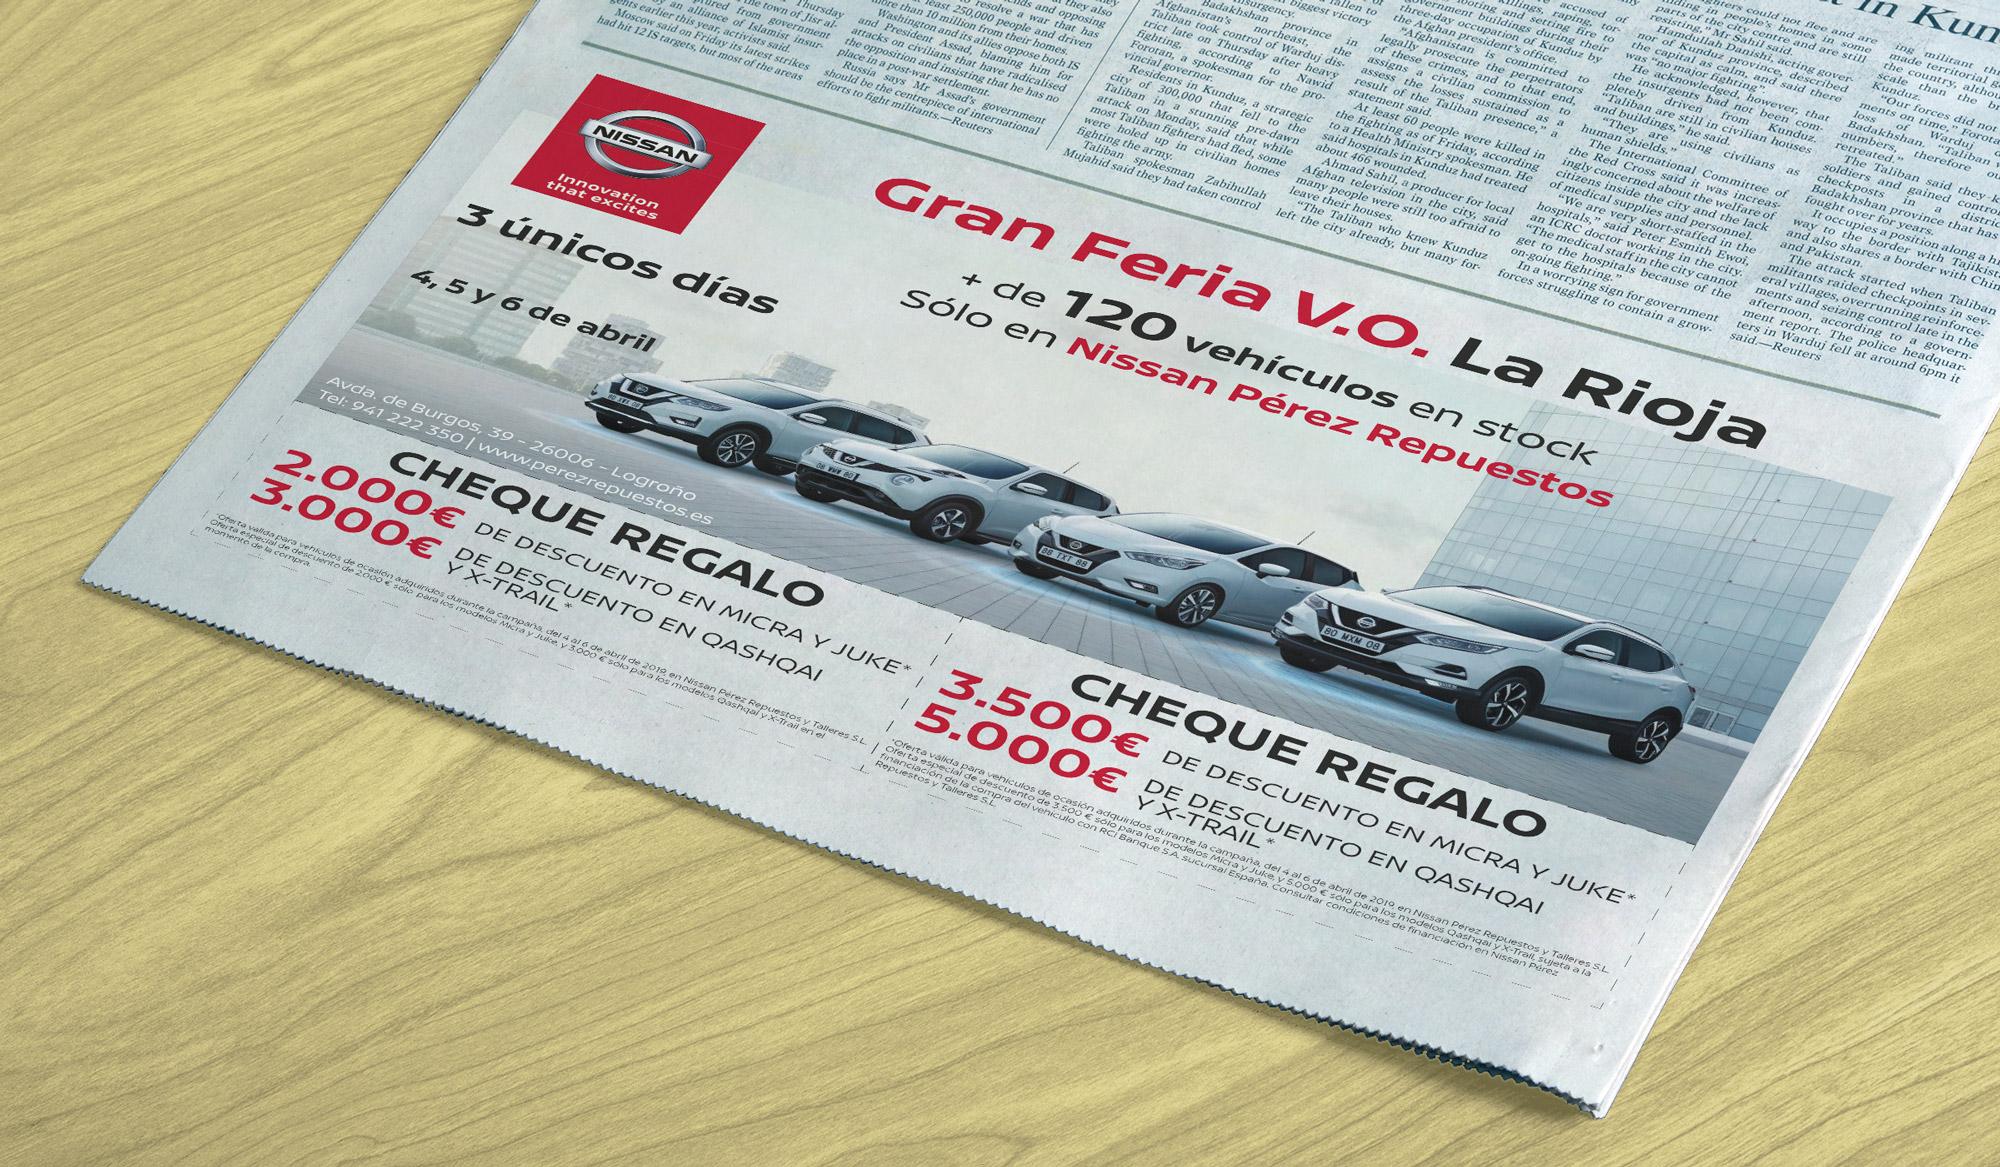 motiva-agencia-comunicacion_diseno-grafico_original_IB-Perez